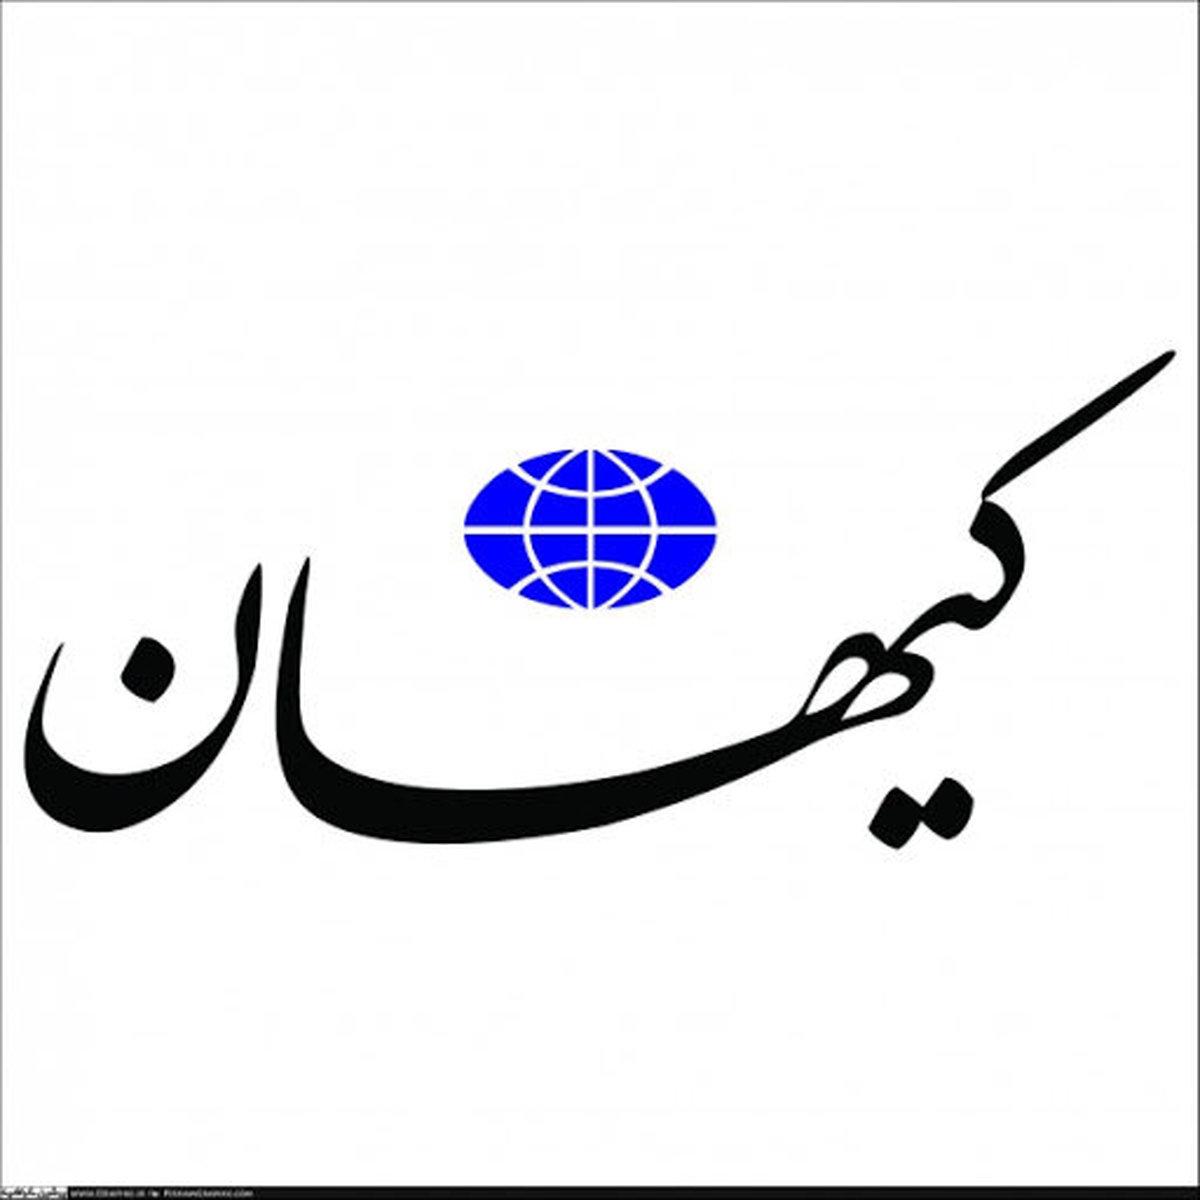 توصیه کیهان به مجلس:  به عقلانیت و آرامش در مجلس توجه کنید